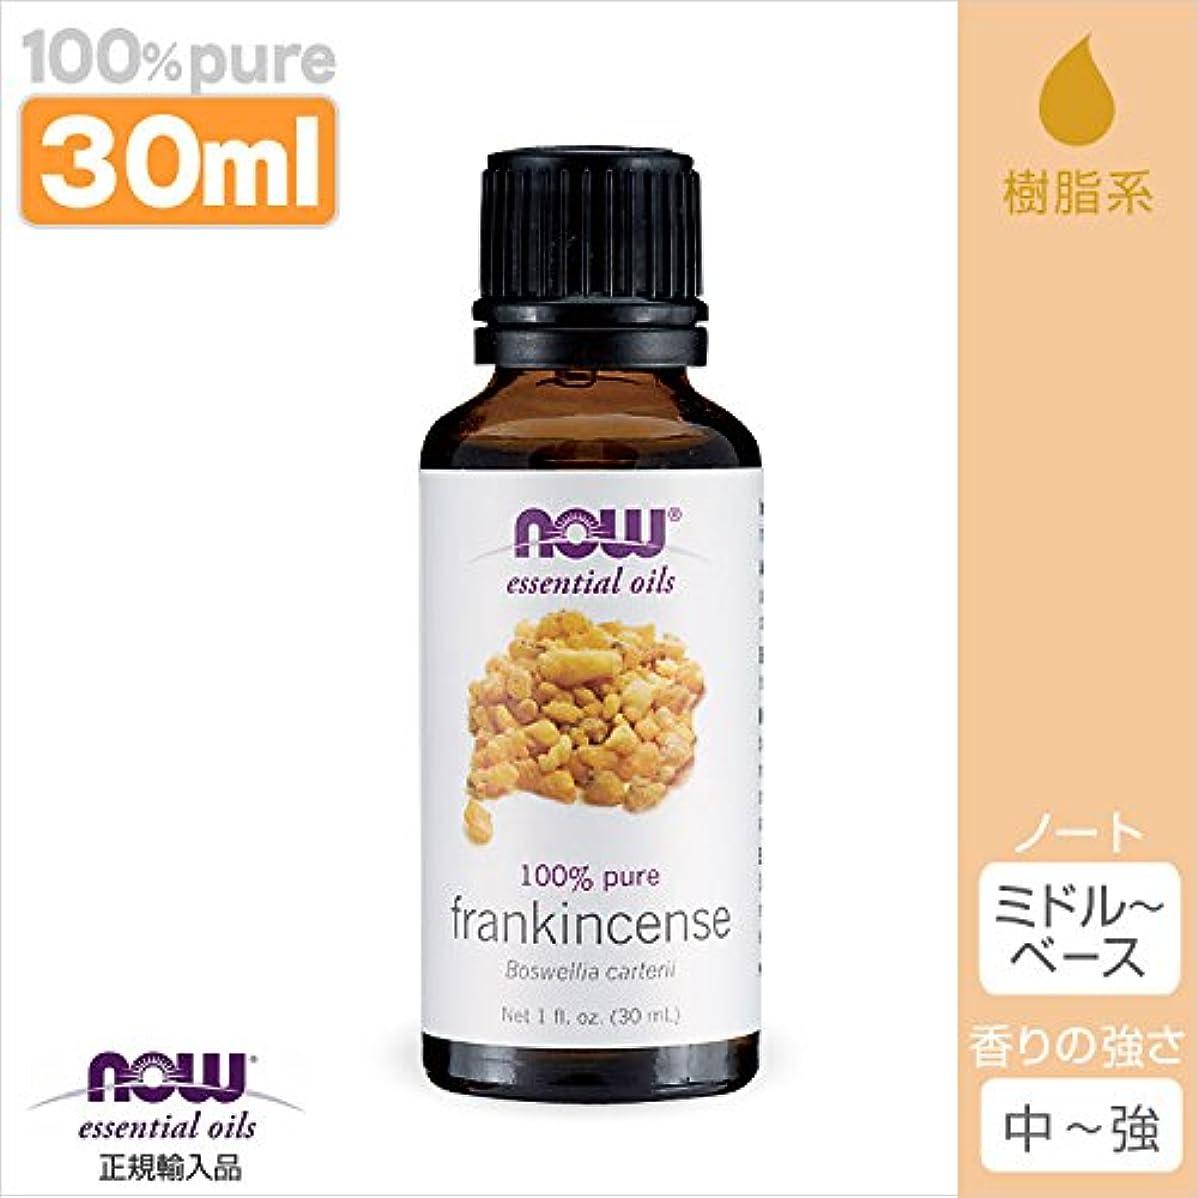 アスリート好む普遍的なフランキンセンス 精油[30ml]  【正規輸入品】 NOWエッセンシャルオイル(アロマオイル)